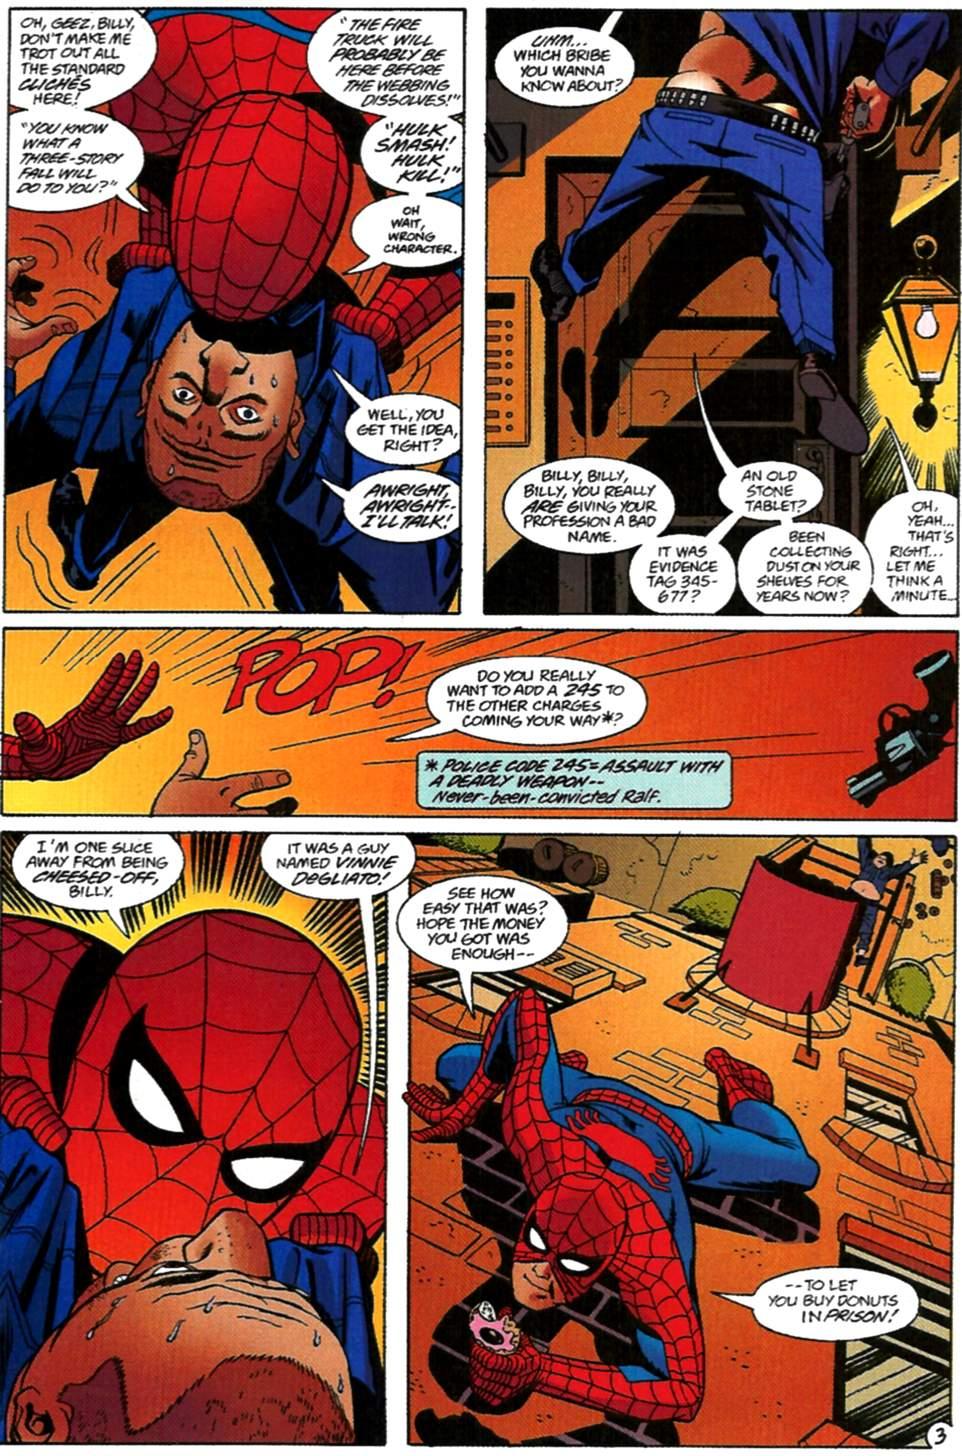 Read online Spider-Man: Lifeline comic -  Issue #2 - 4